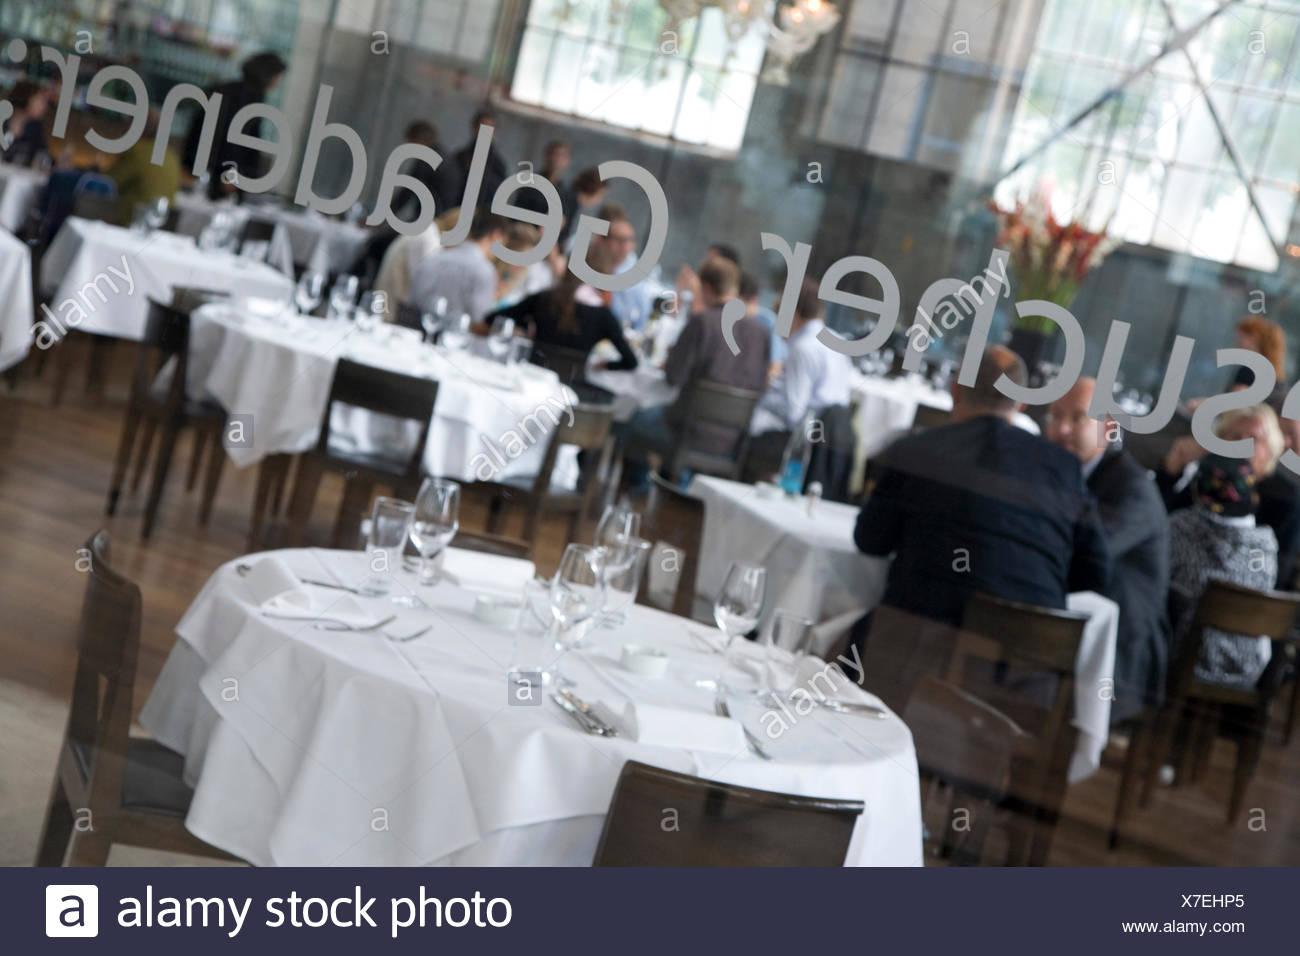 La Salle restaurant, luxury restaurant, shipbuilding hall, centre for theatre, music, gastronomy, Zurich, Switzerland - Stock Image